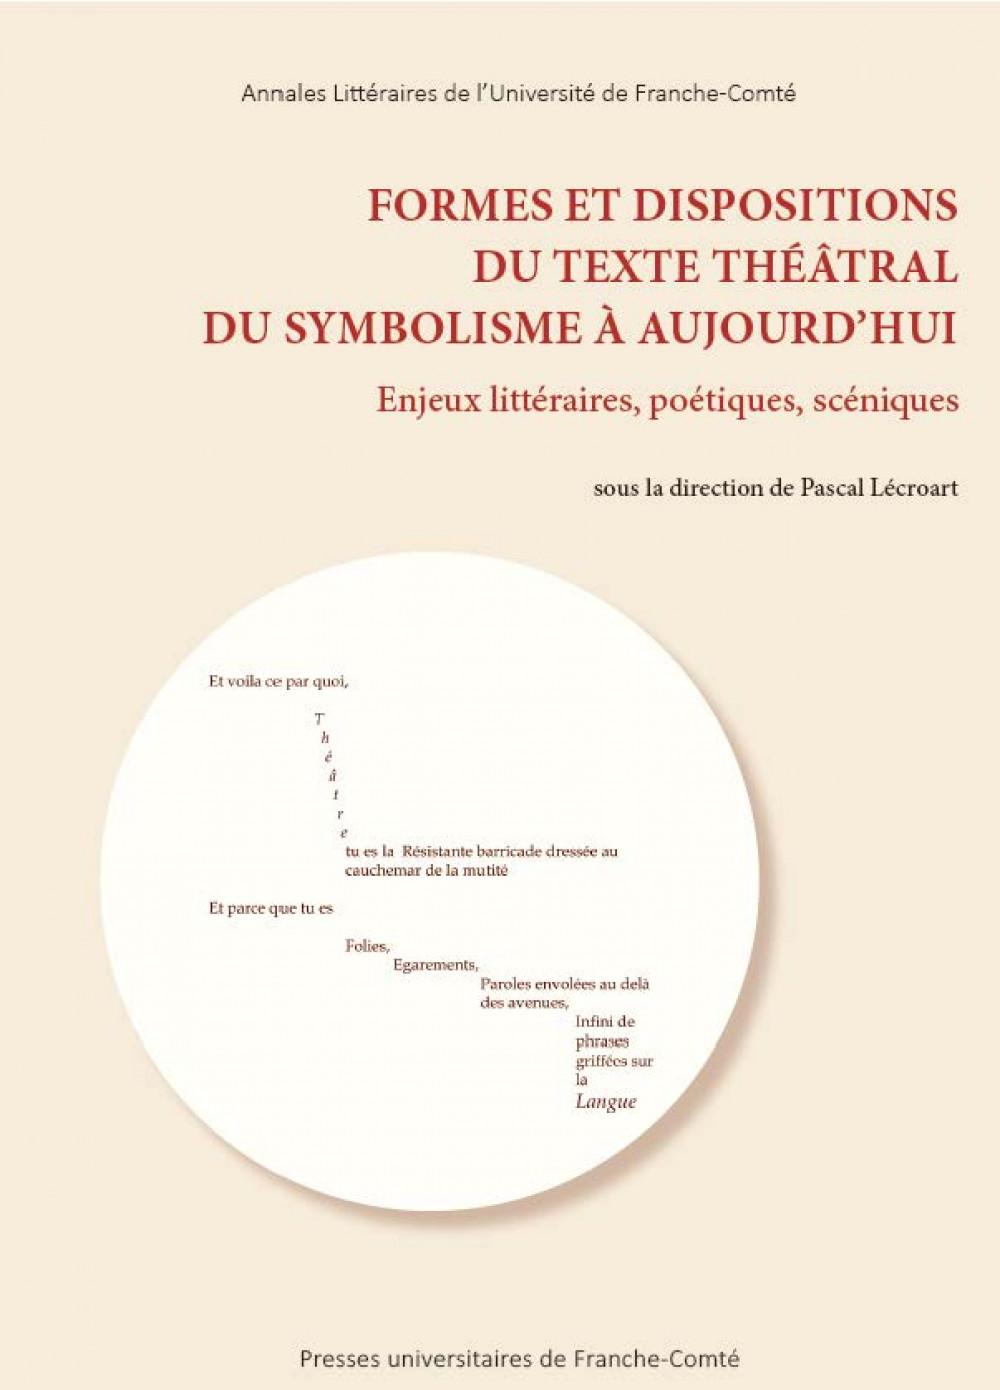 Formes et dispositions du texte théâtral du symbolisme à aujourd'hui